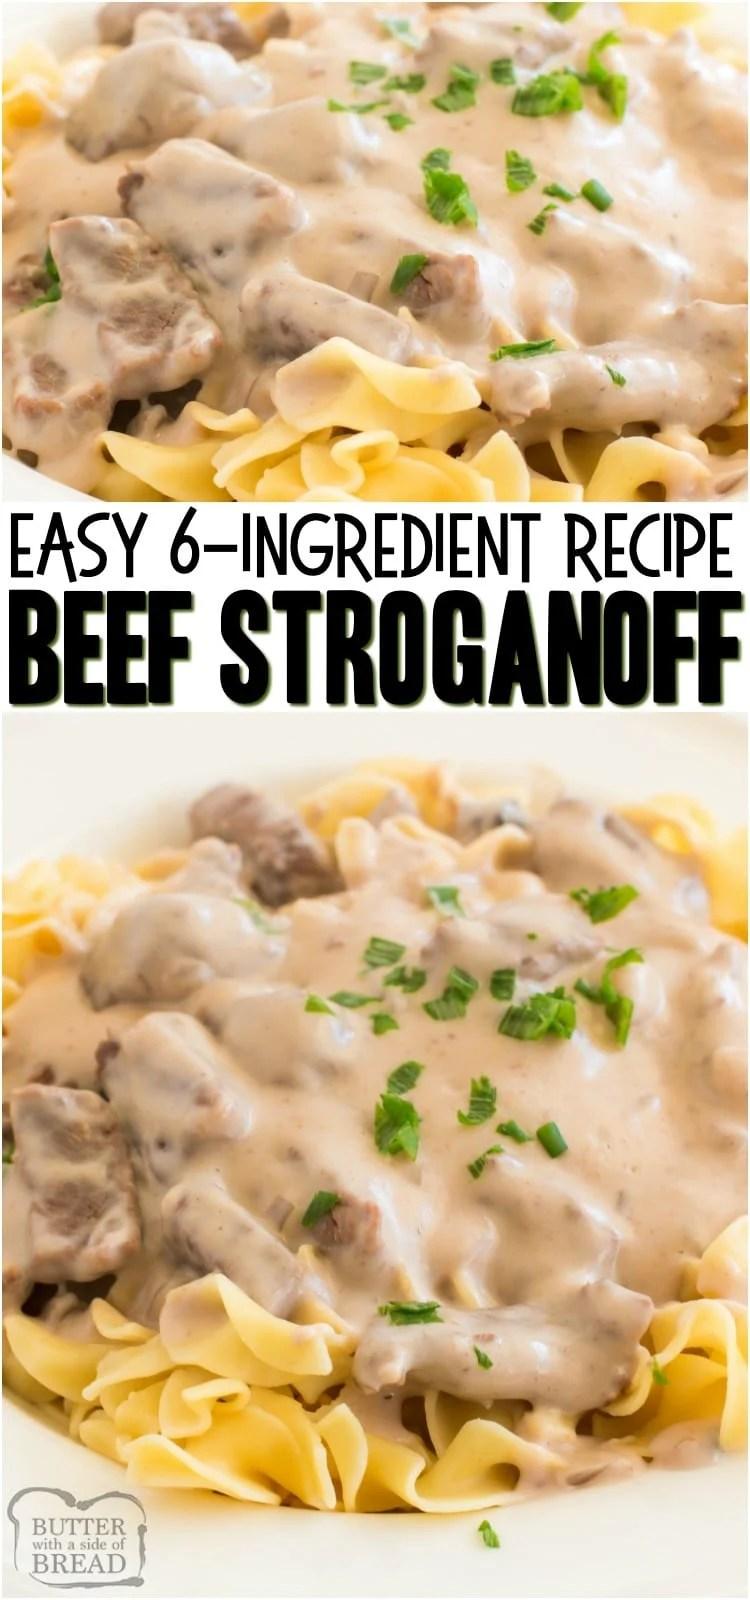 Easy Beef Stroganoff Recipe es una receta clásica, cremosa y deliciosa para la cena familiar. Con solo unos pocos ingredientes simples, usted también puede hacer que esta deliciosa cena Beef Stroganoff sea fácil en muy poco tiempo. #dinner #easydinner #beef #stroganoff #pasta #recipe from BUTTER WITH A LIDE OF BREAD